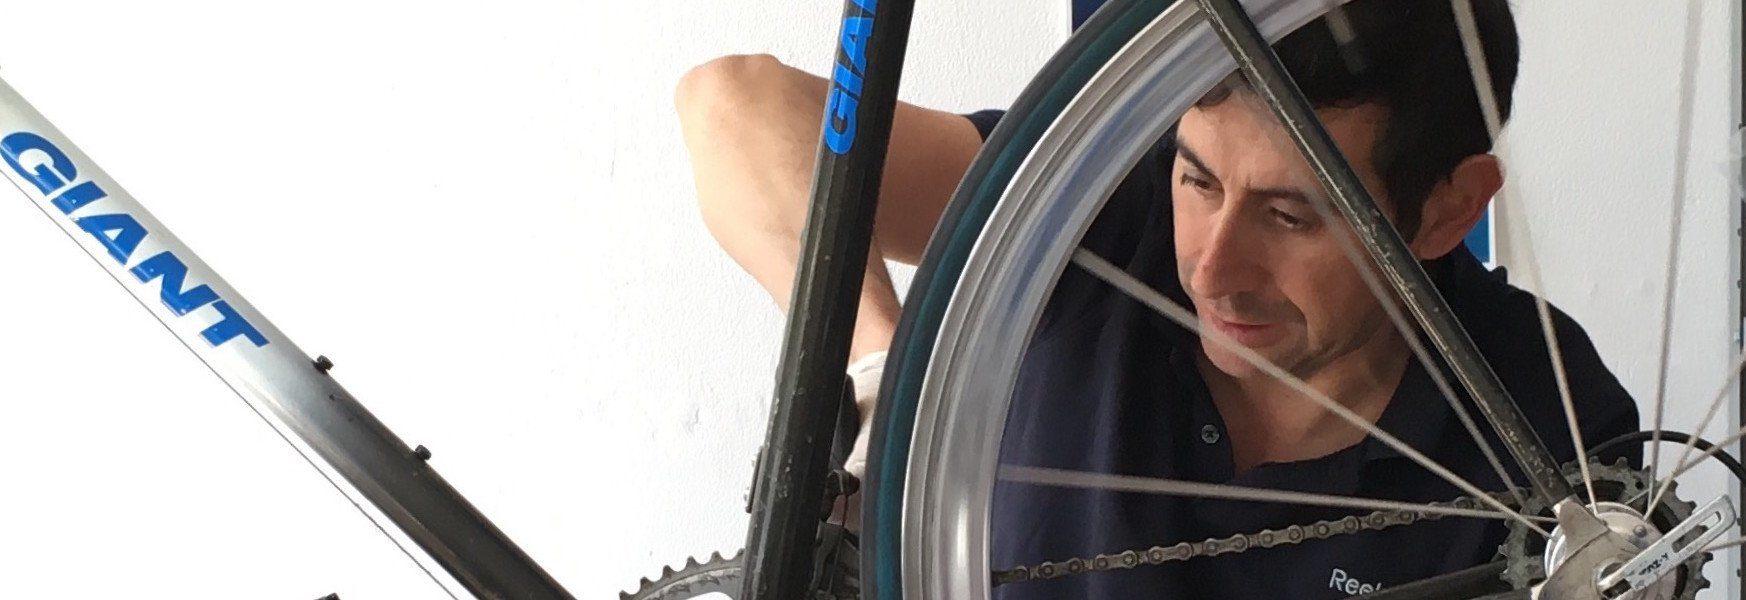 Riparazione bici Palermo  Riparazione bici a Palermo, se la tua bicicletta è danneggiata, arrugginita o ha bisogno di una messa a punto, chiamaci o vieni a trovarci, se hai bisogno verremo noi in loco a prenderla e una volta rimessa a nuovo te la riconsegneremo comodamente a casa[...]